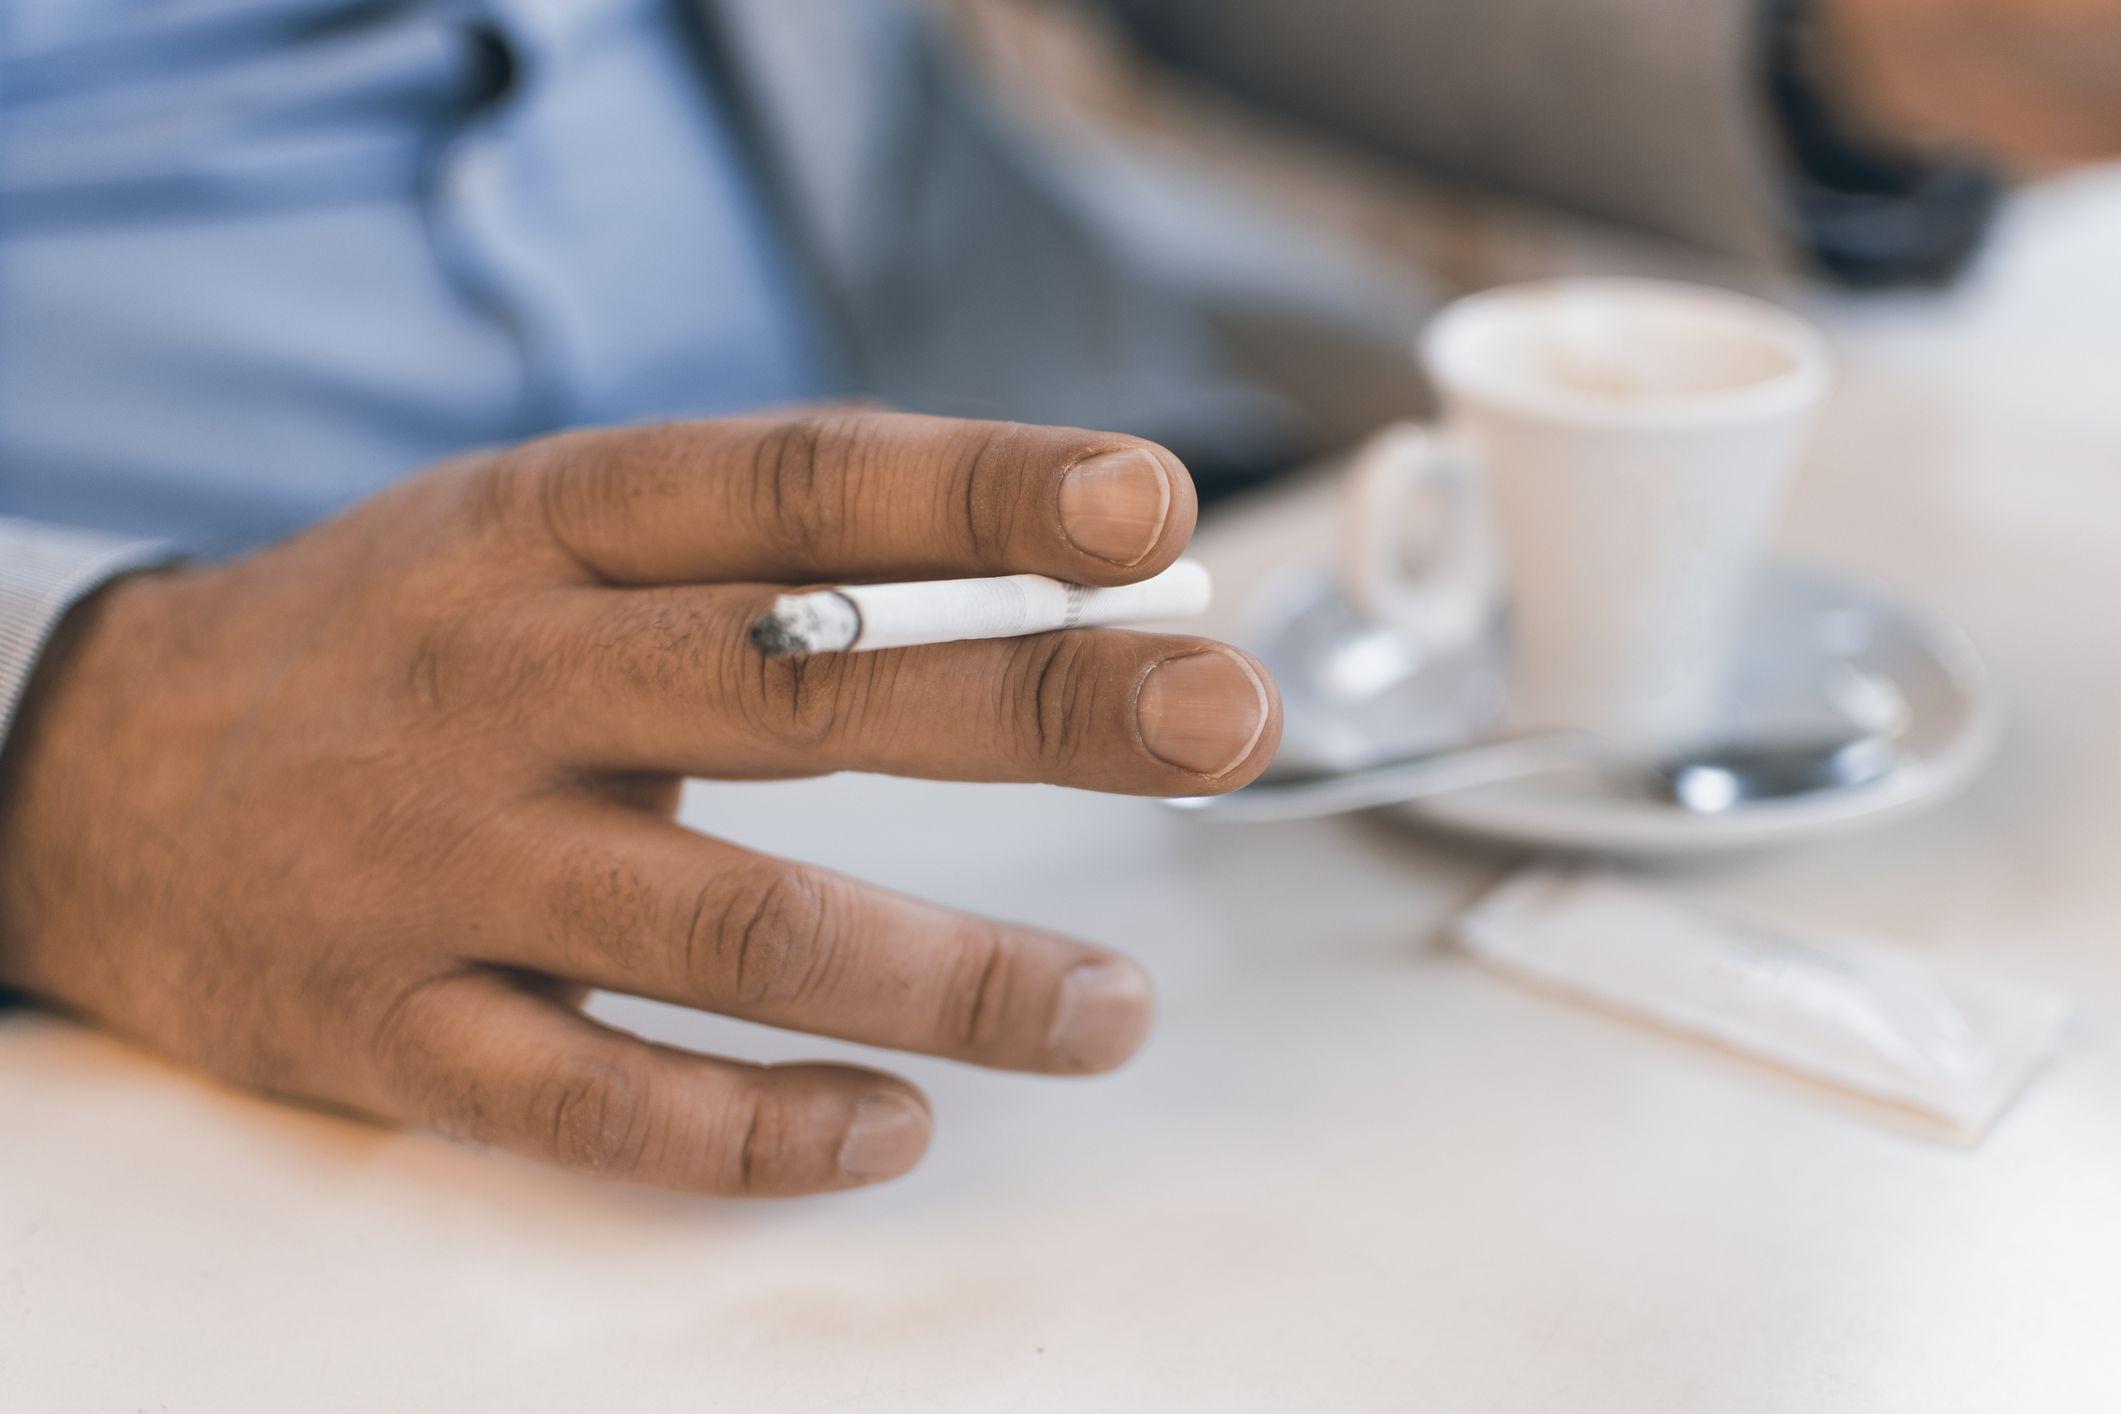 Cigarrillo en la mano